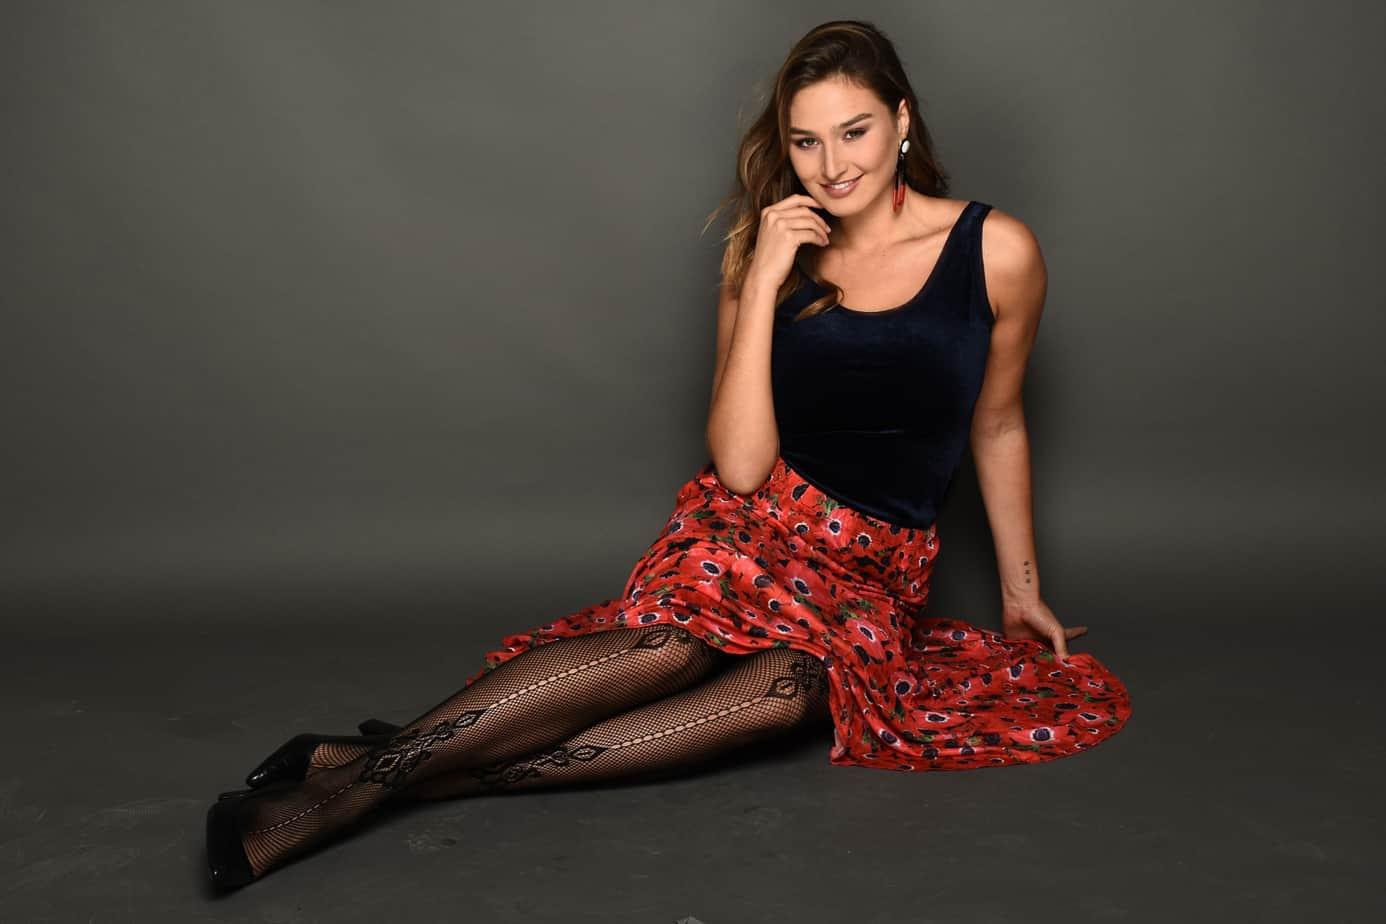 רעומה קולקציית חורף 2018-19. צילום: צחי וזאנה, גופיה קטיפה חצאית כלנית